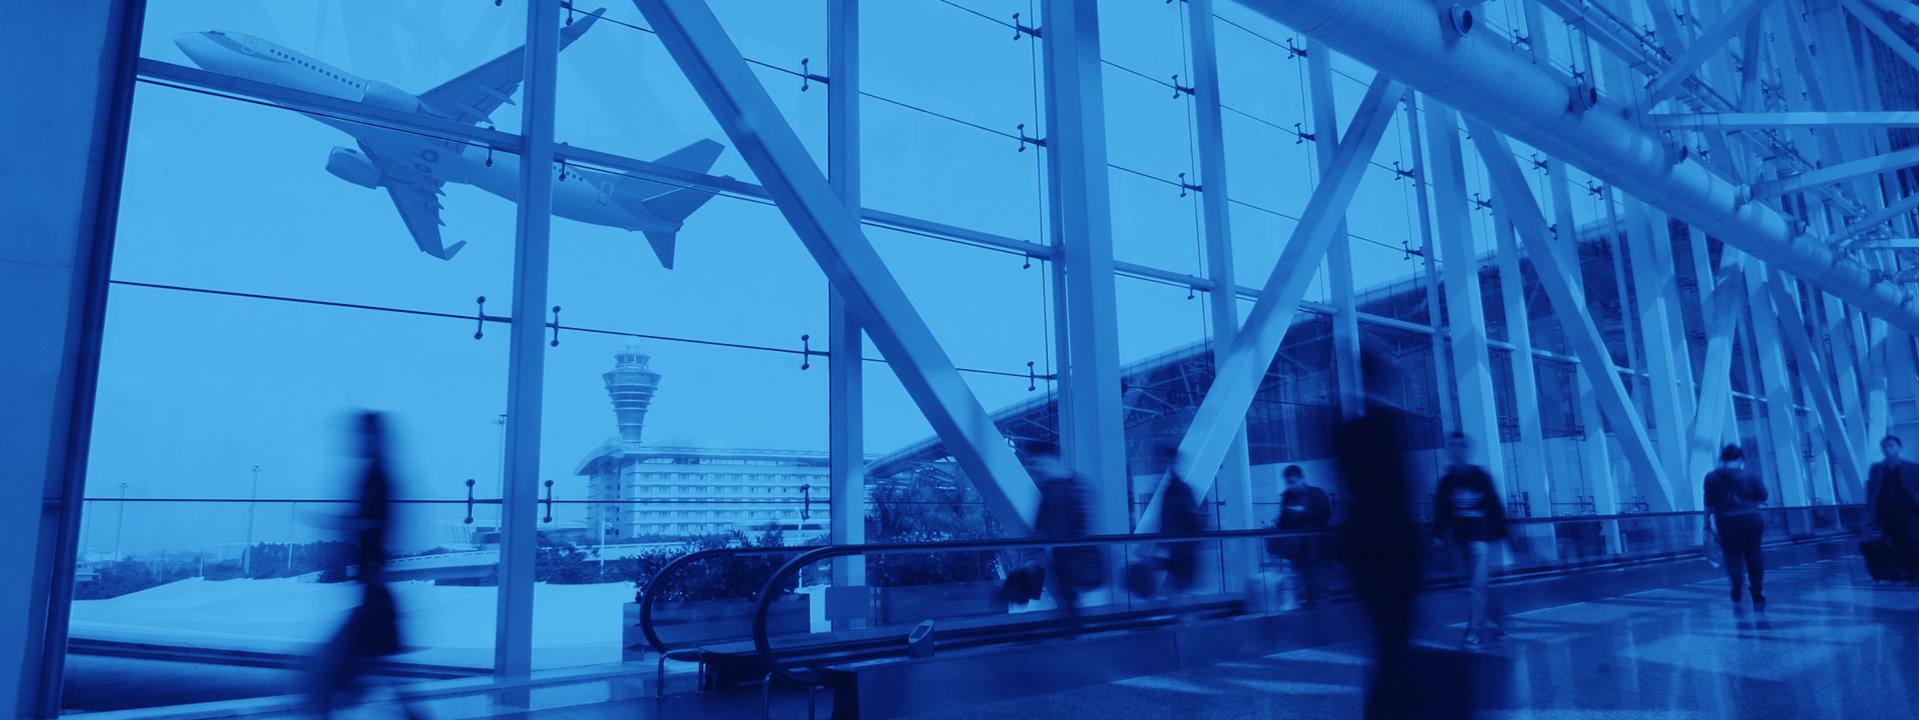 NÓS ACREDITAMOS QUE PROMOVER A UNIÃO DA CADEIA DE FORNECEDORES PARA AEROPORTOS FORTALECE O SETOR